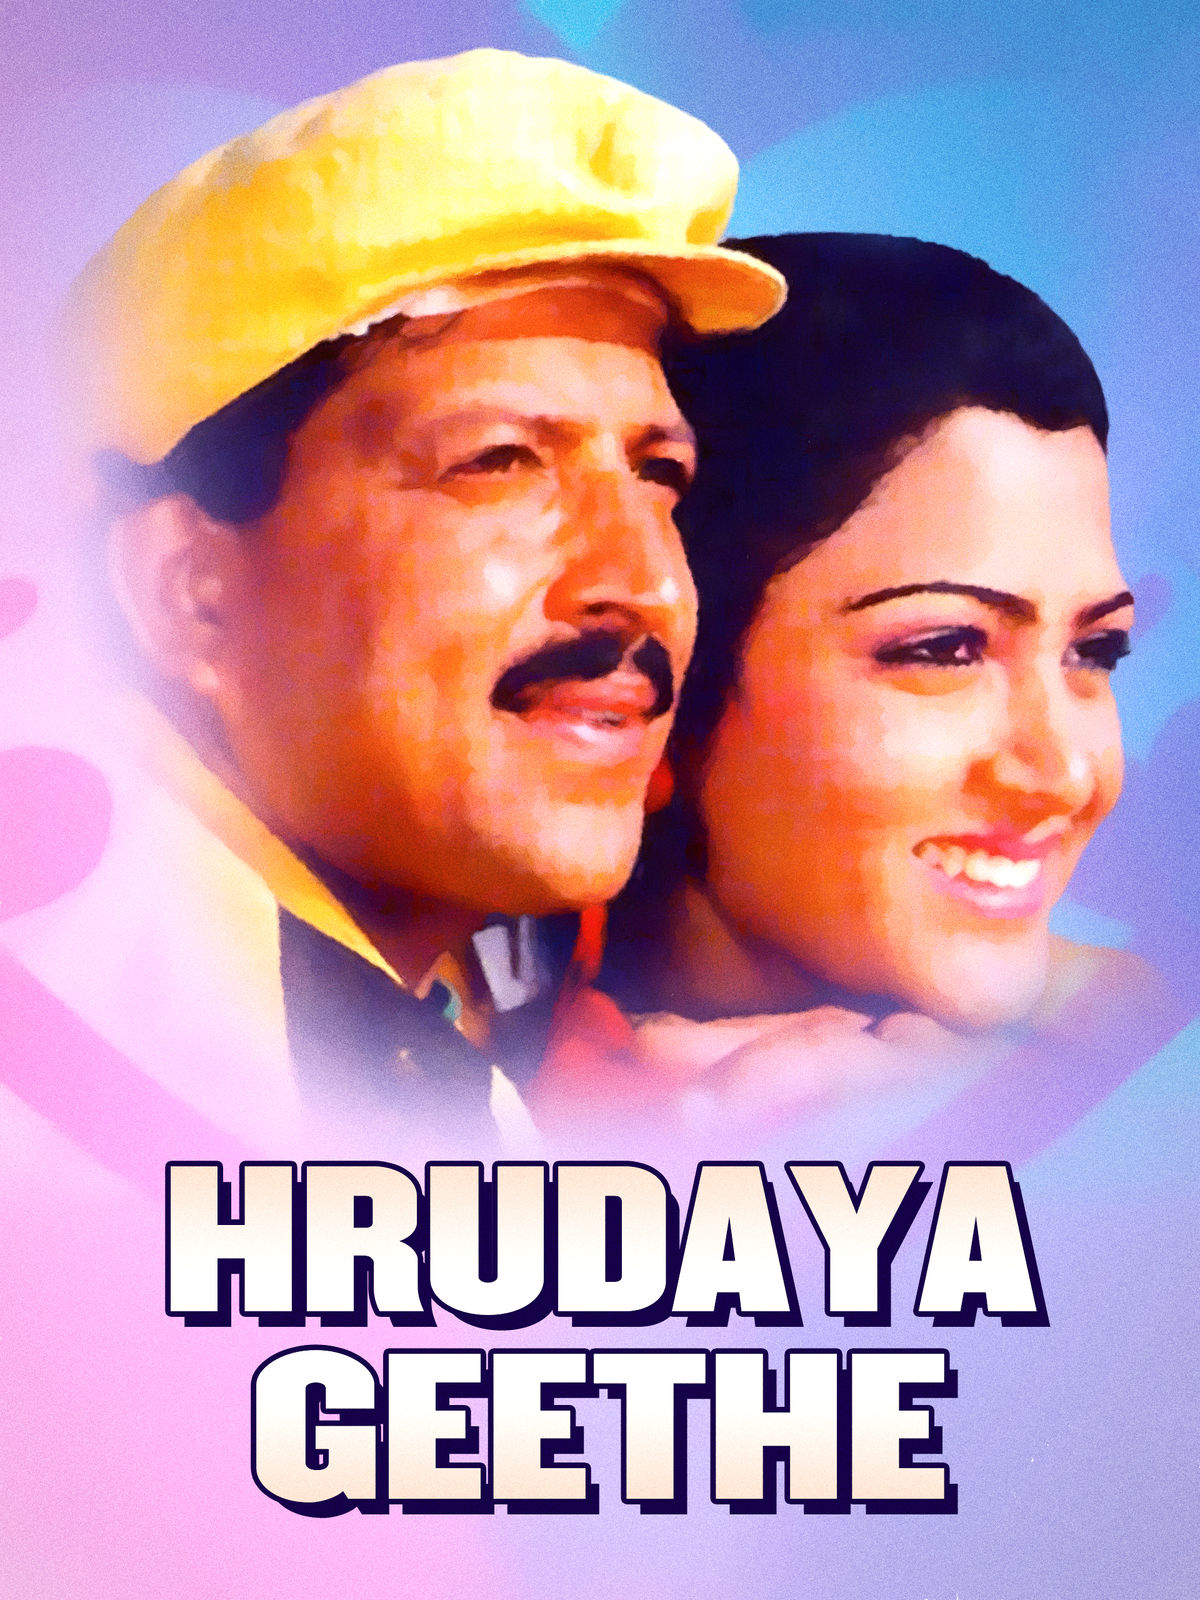 Hrudaya Geethe